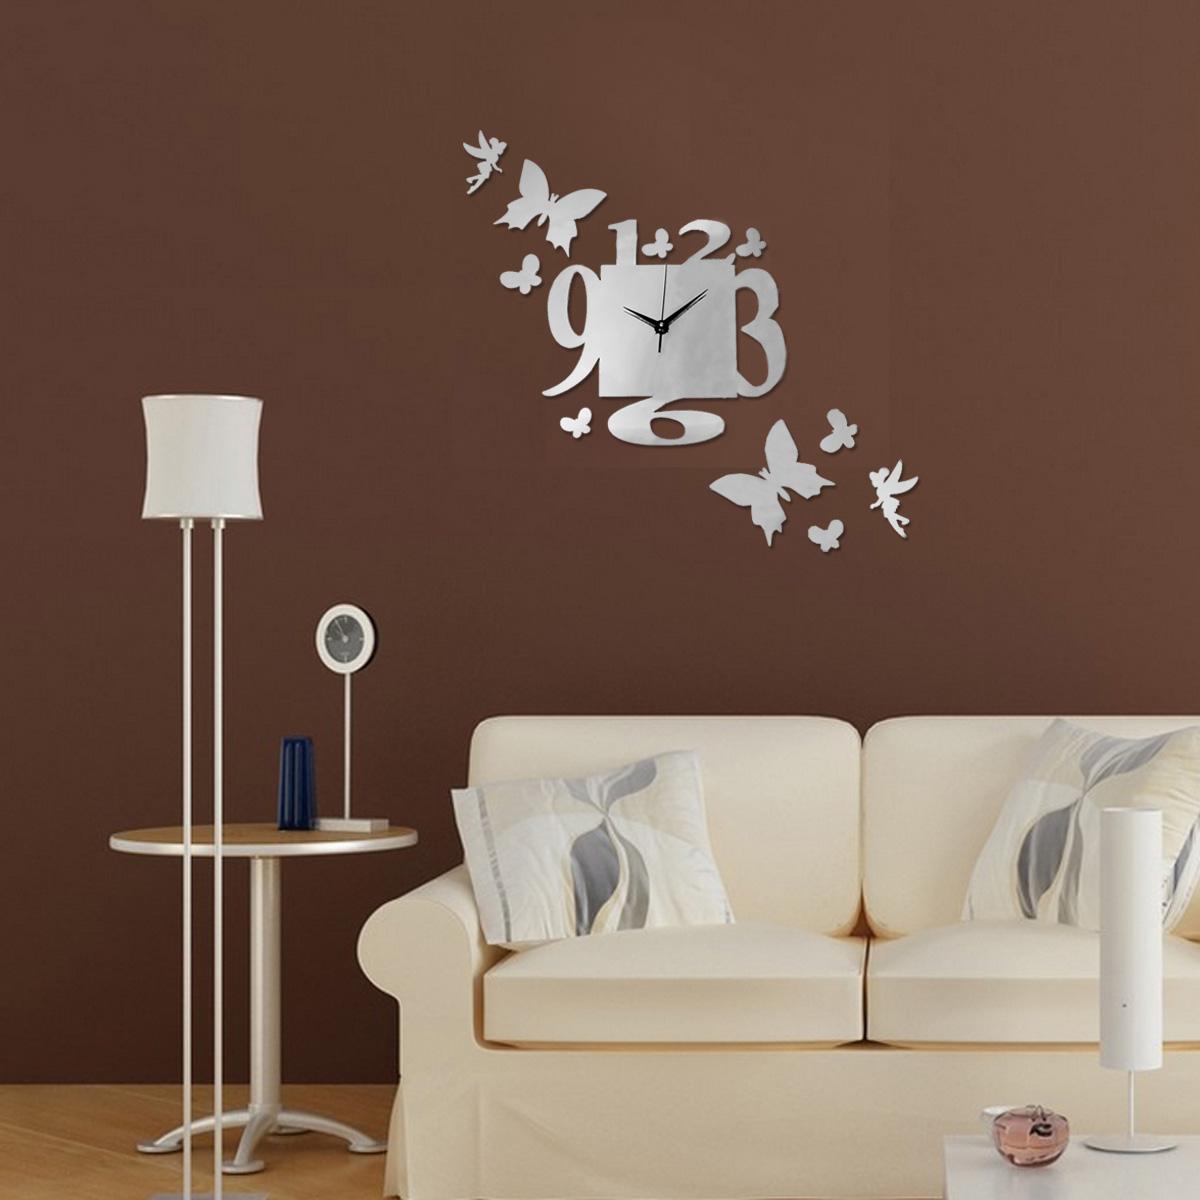 3D DIY Modern Wall Clock Stickers Decal Art Decor Home ...